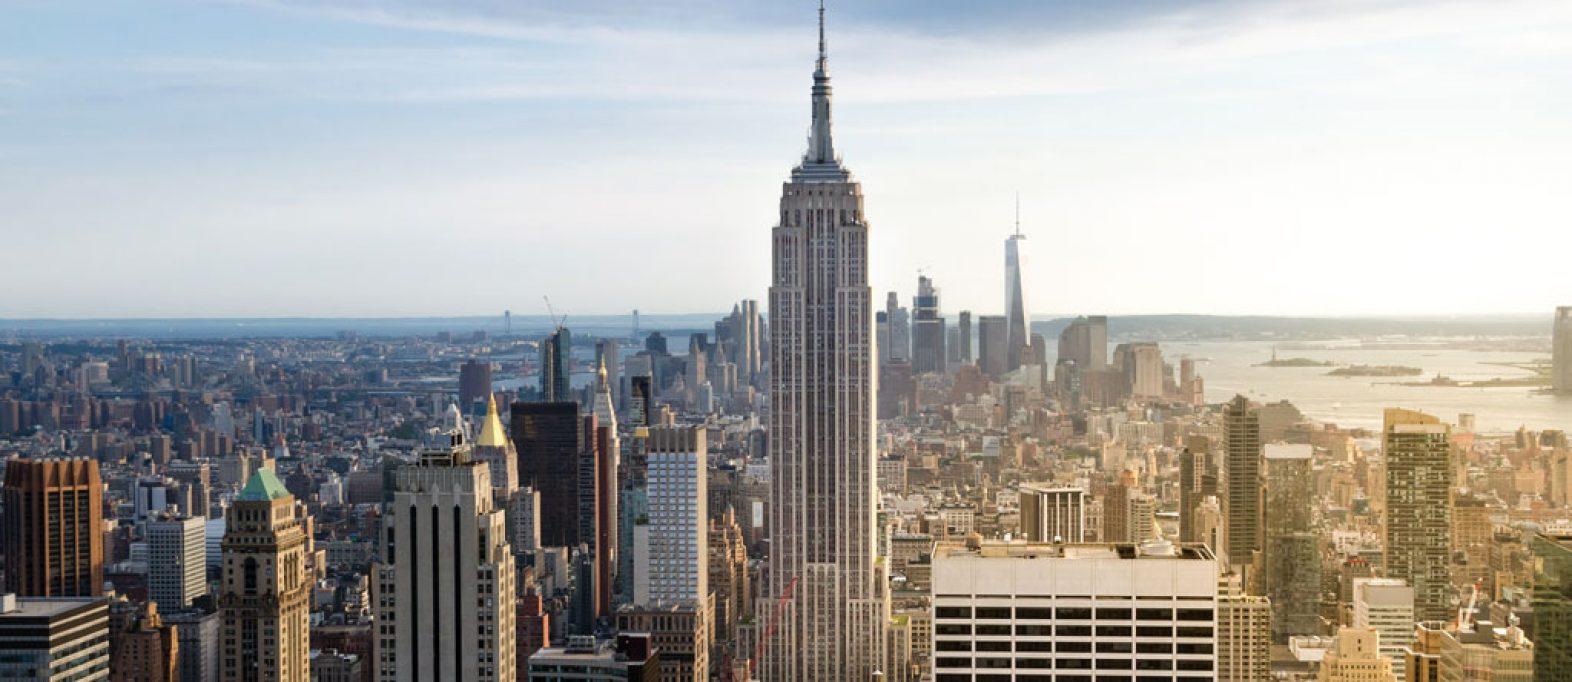 Großer New York Pass Vergleich: Unsere Tests und Erfahrungen 2018/19